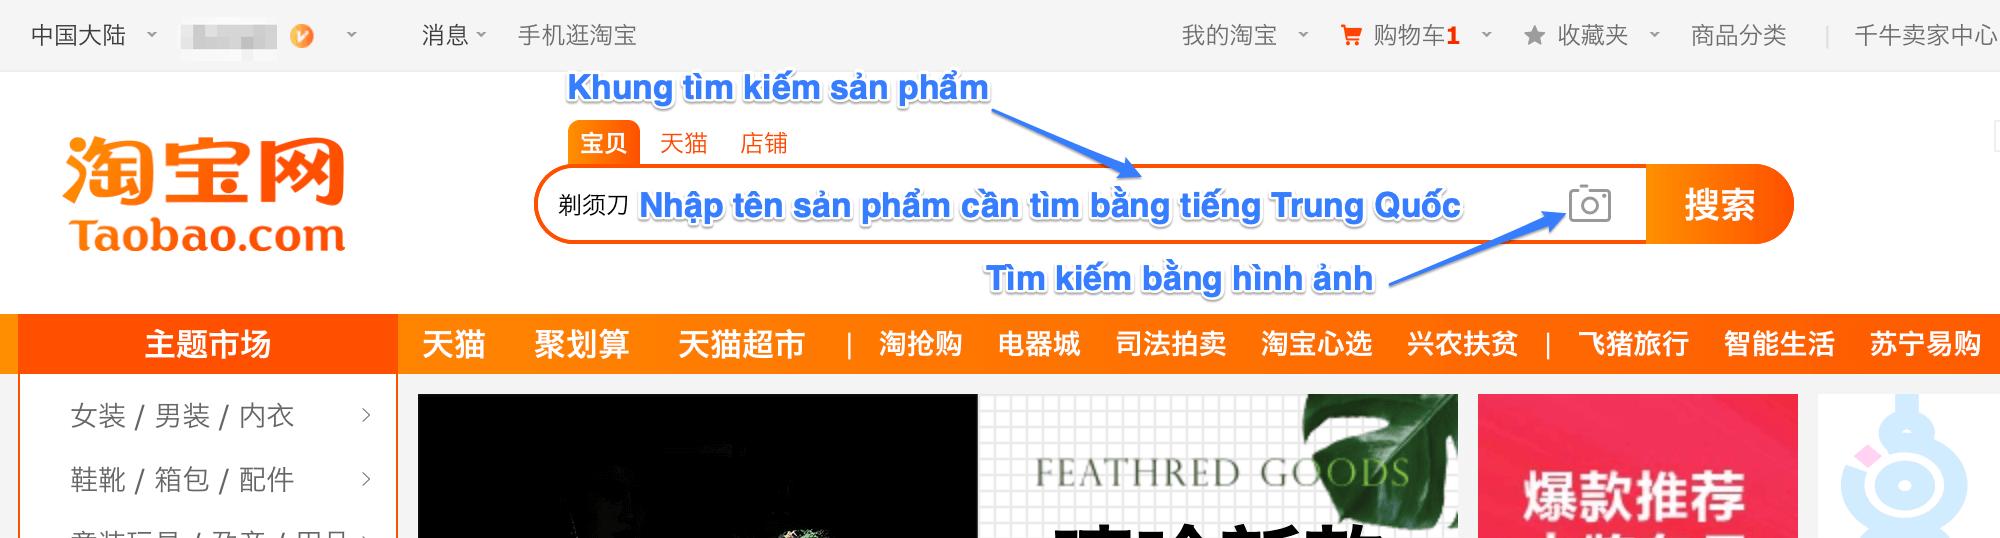 Tính năng tìm kiếm sản phẩm tại Taobao